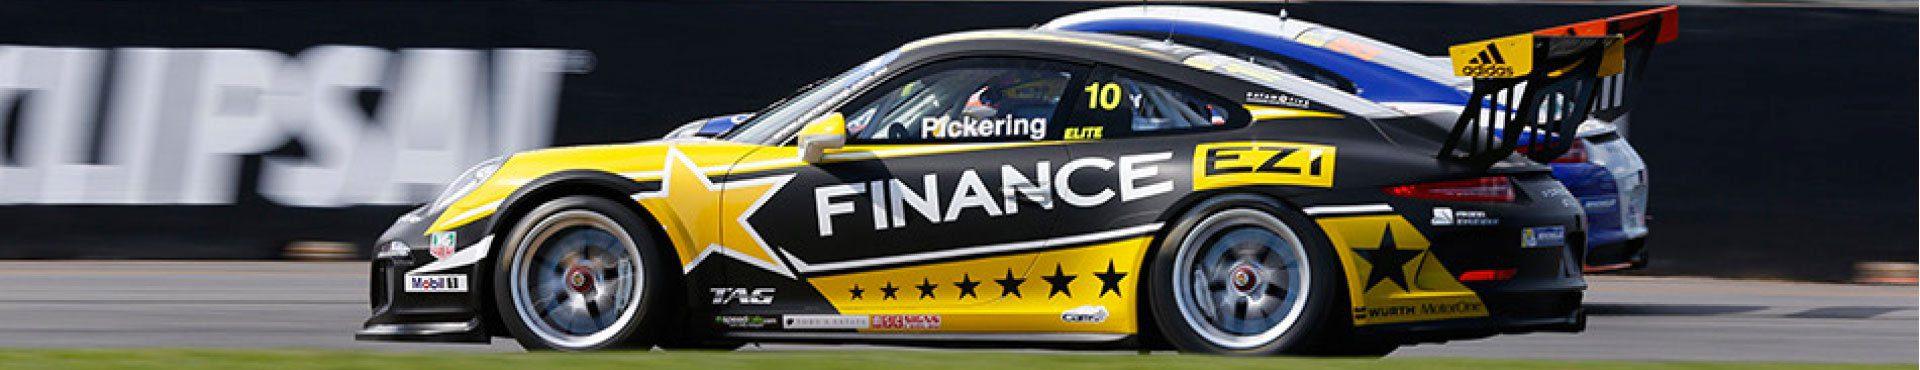 Finance Ezi Racing Vehicle